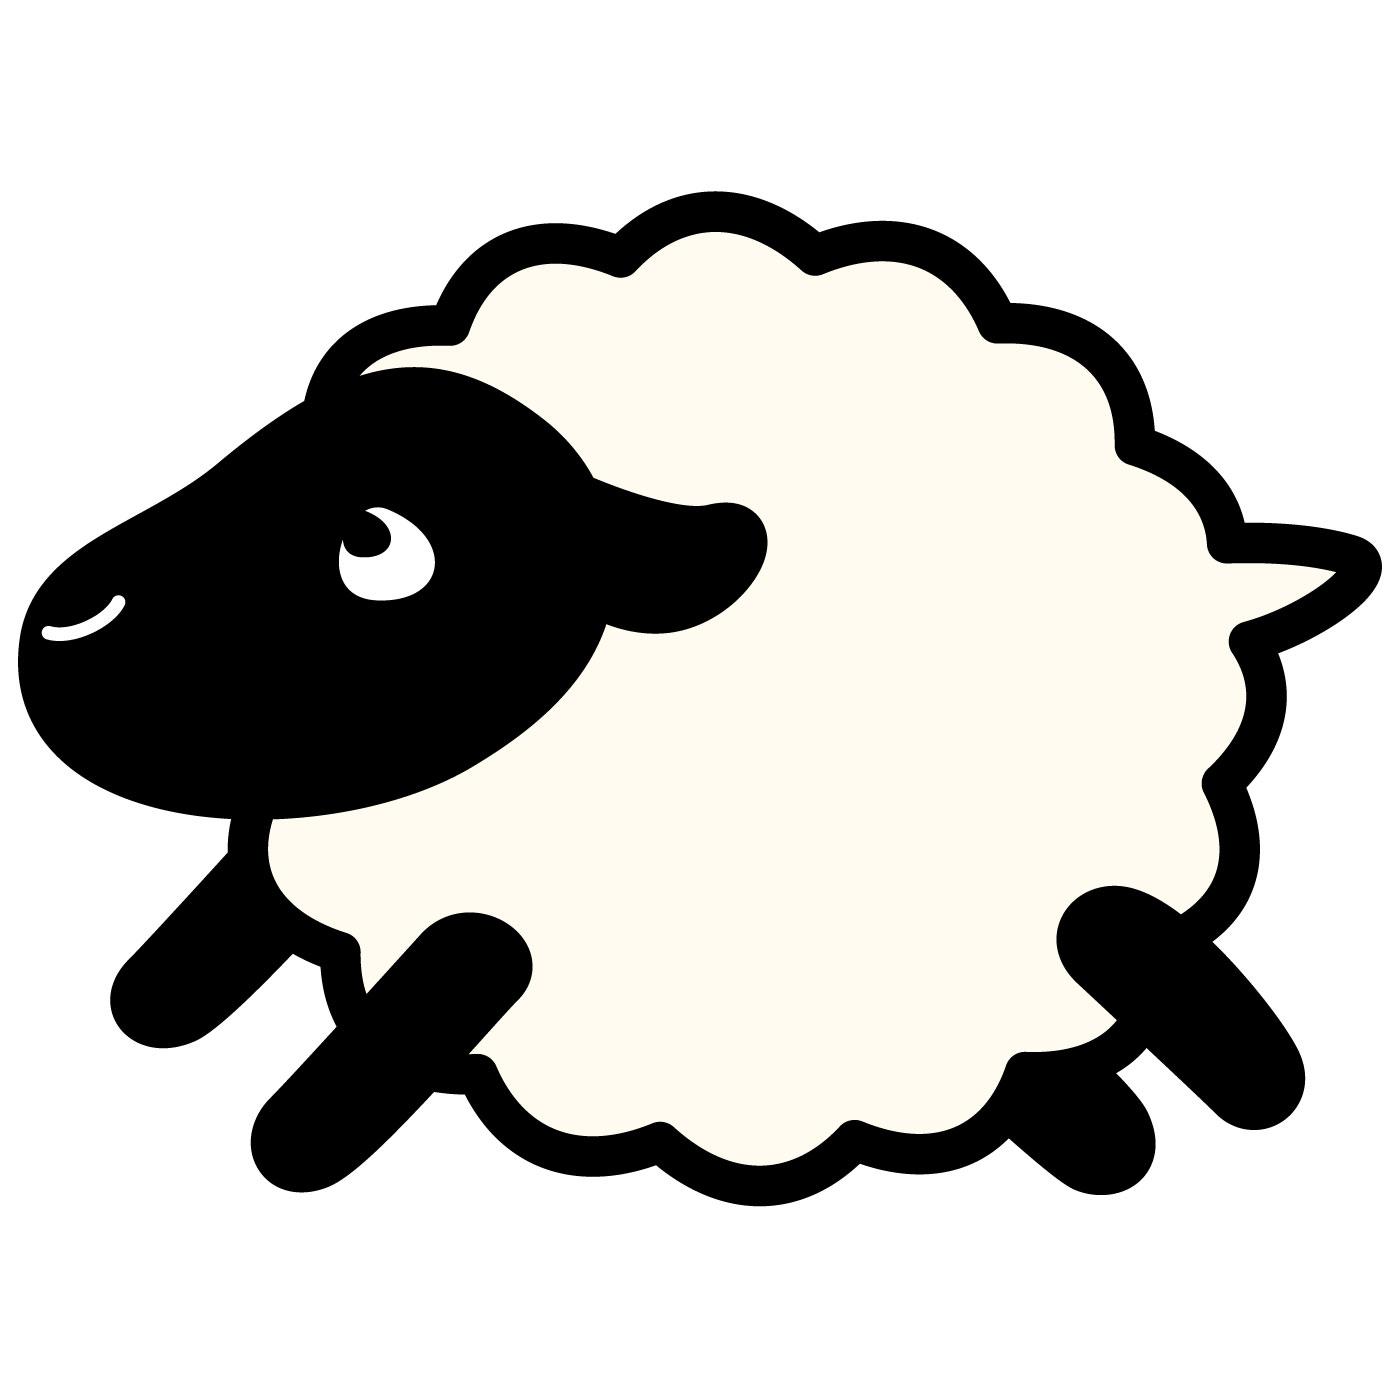 羊の皮をかぶった狼